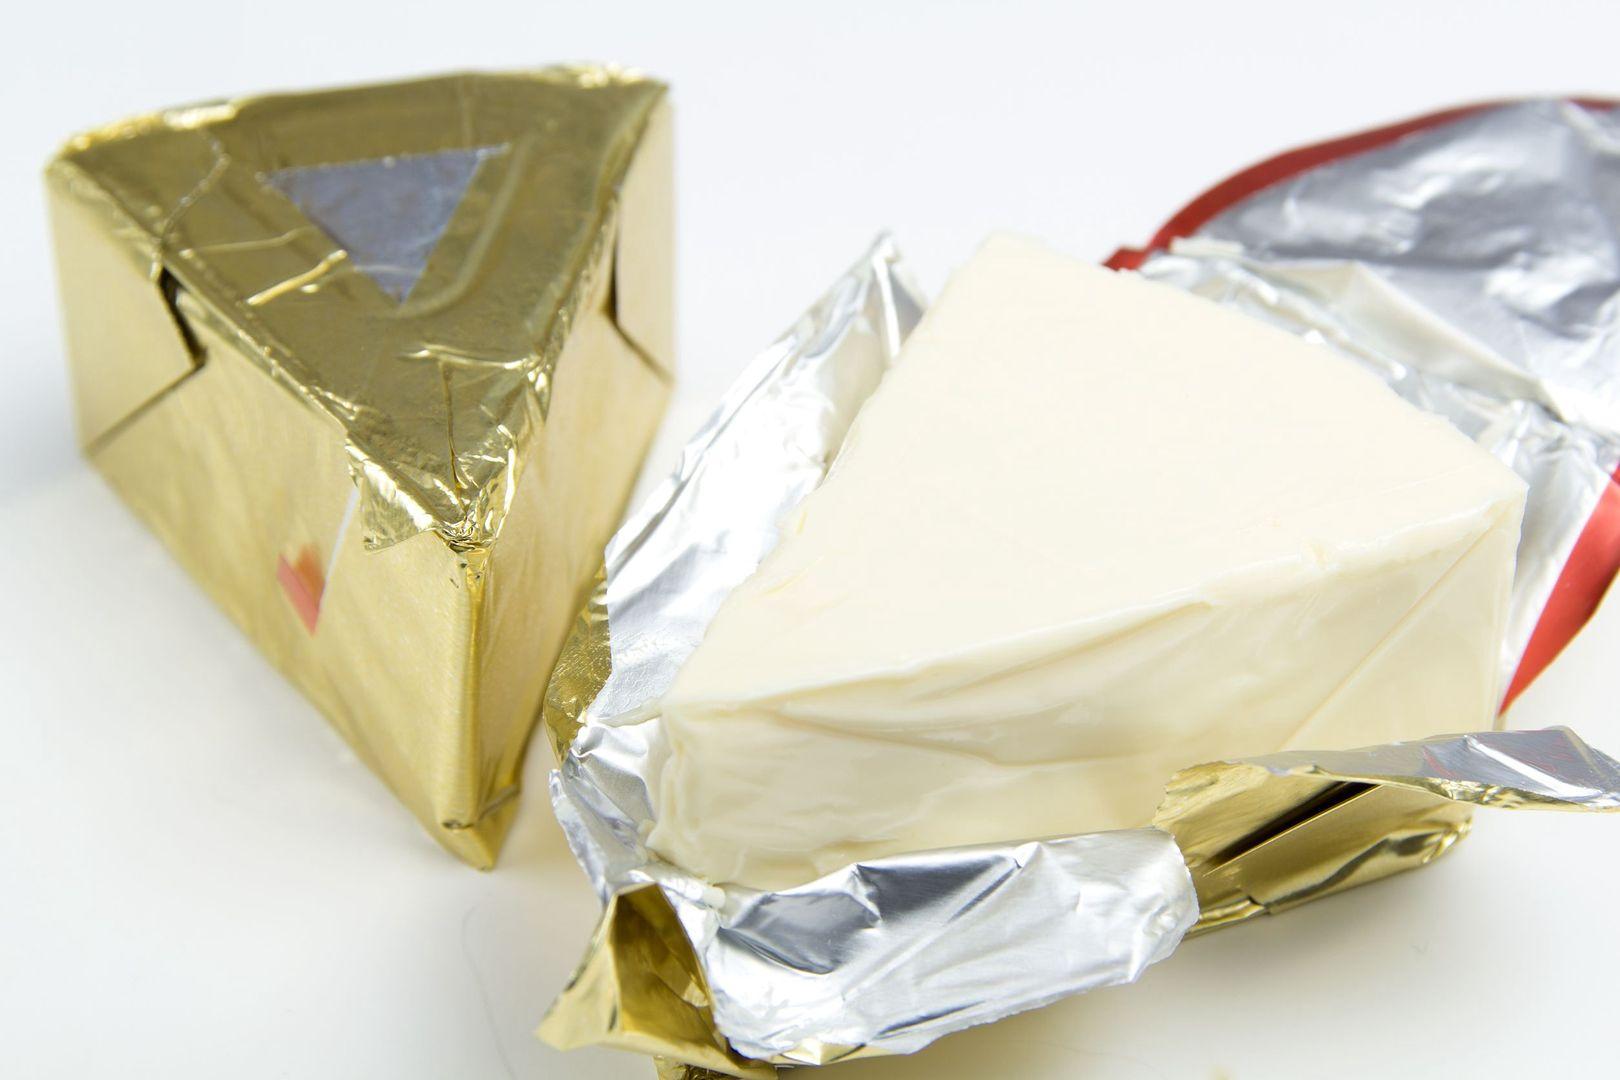 Ser topiony - pochodzenie, skład, kalorie, zdrowsze..